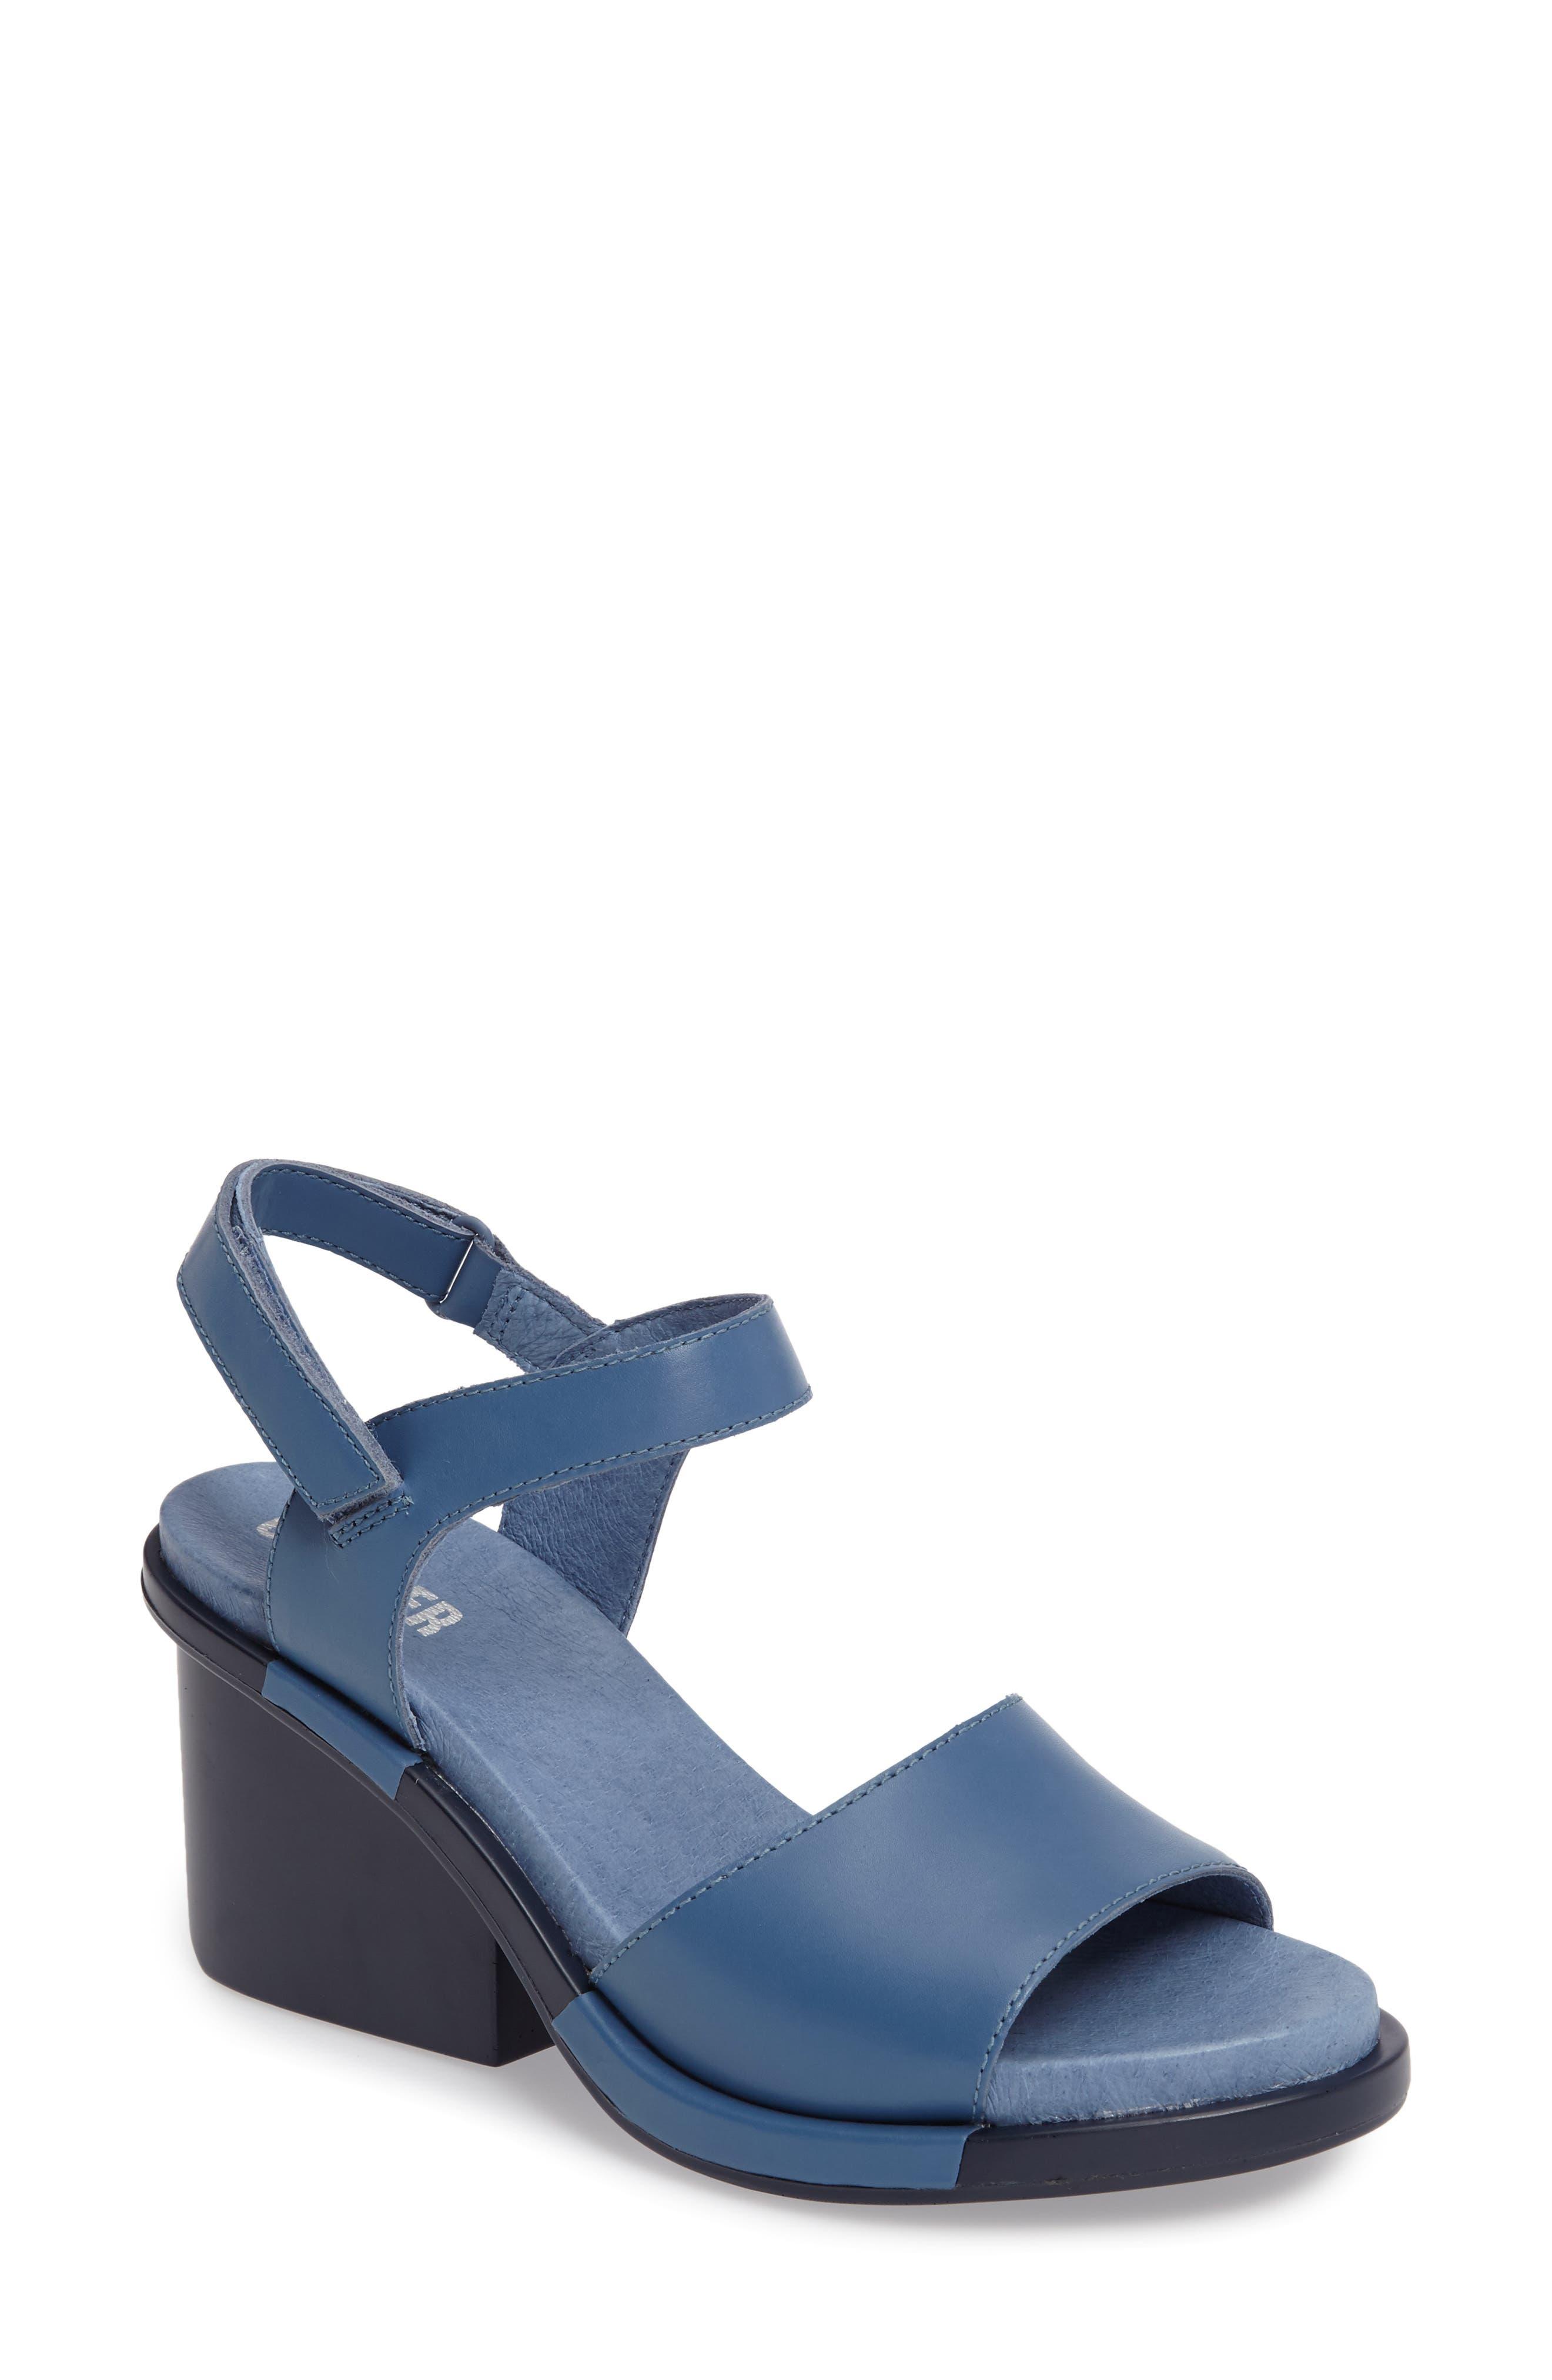 Alternate Image 1 Selected - Camper Ivy Ankle Strap Sandal (Women)